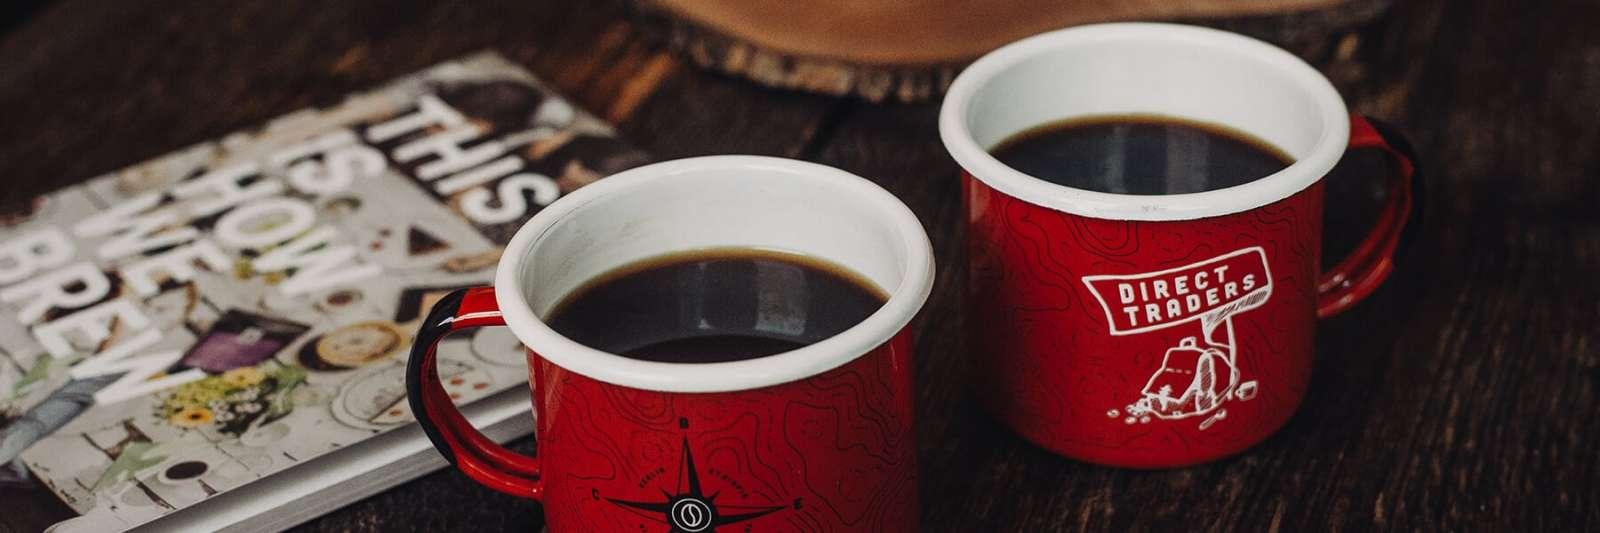 Kaffee-Abo bestellen